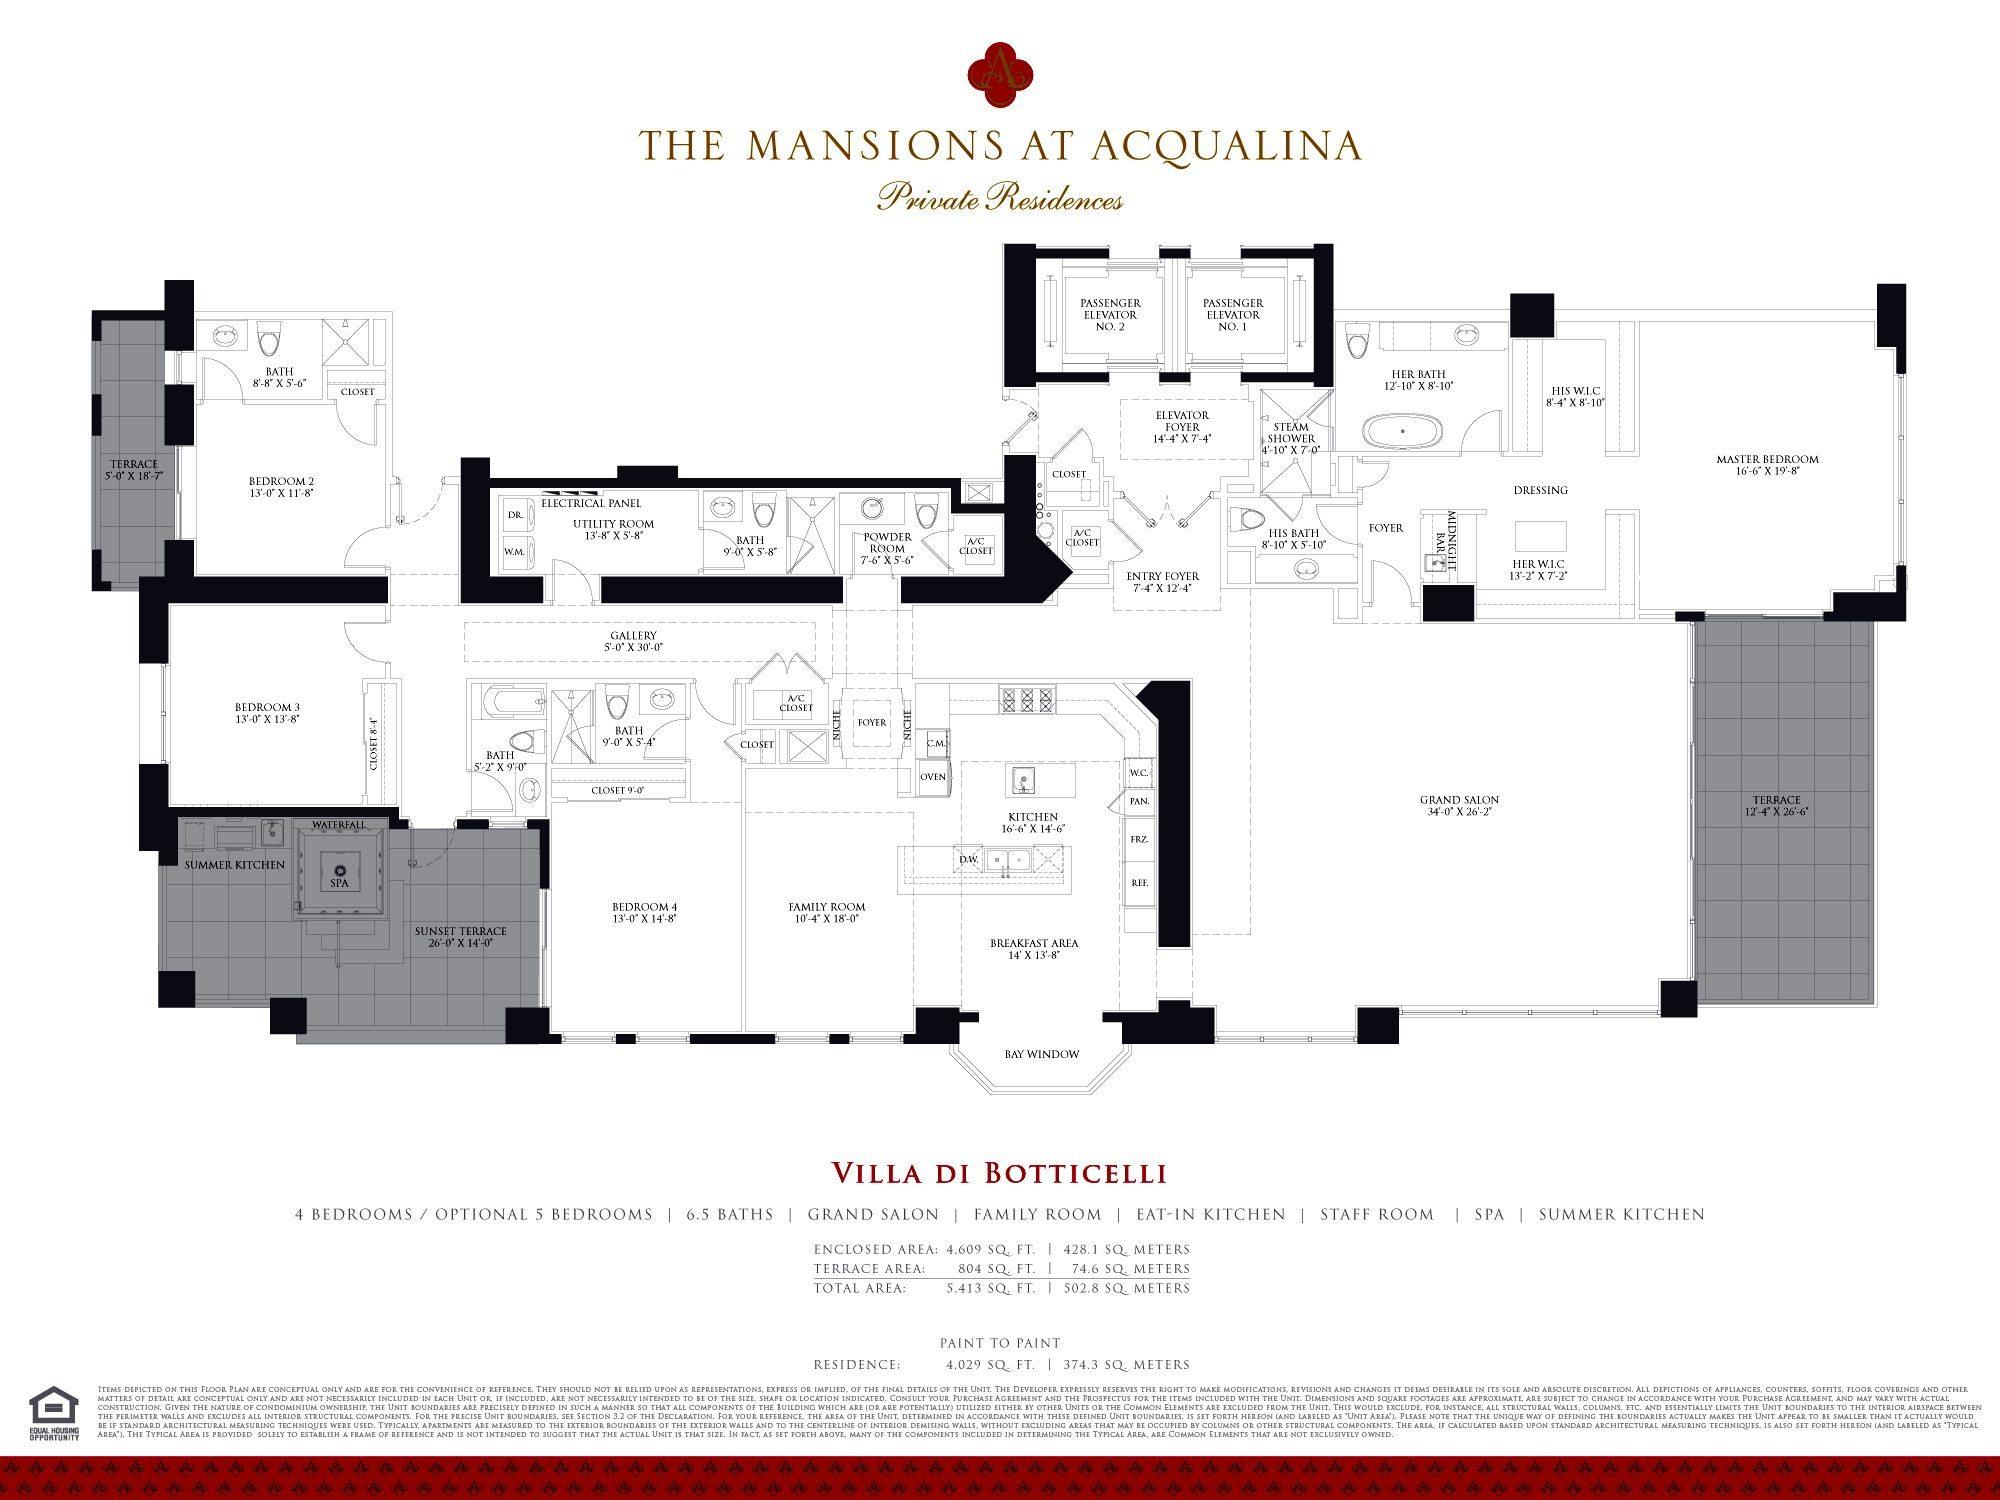 Mansions At Acqualina David Siddons Group David Siddons Group